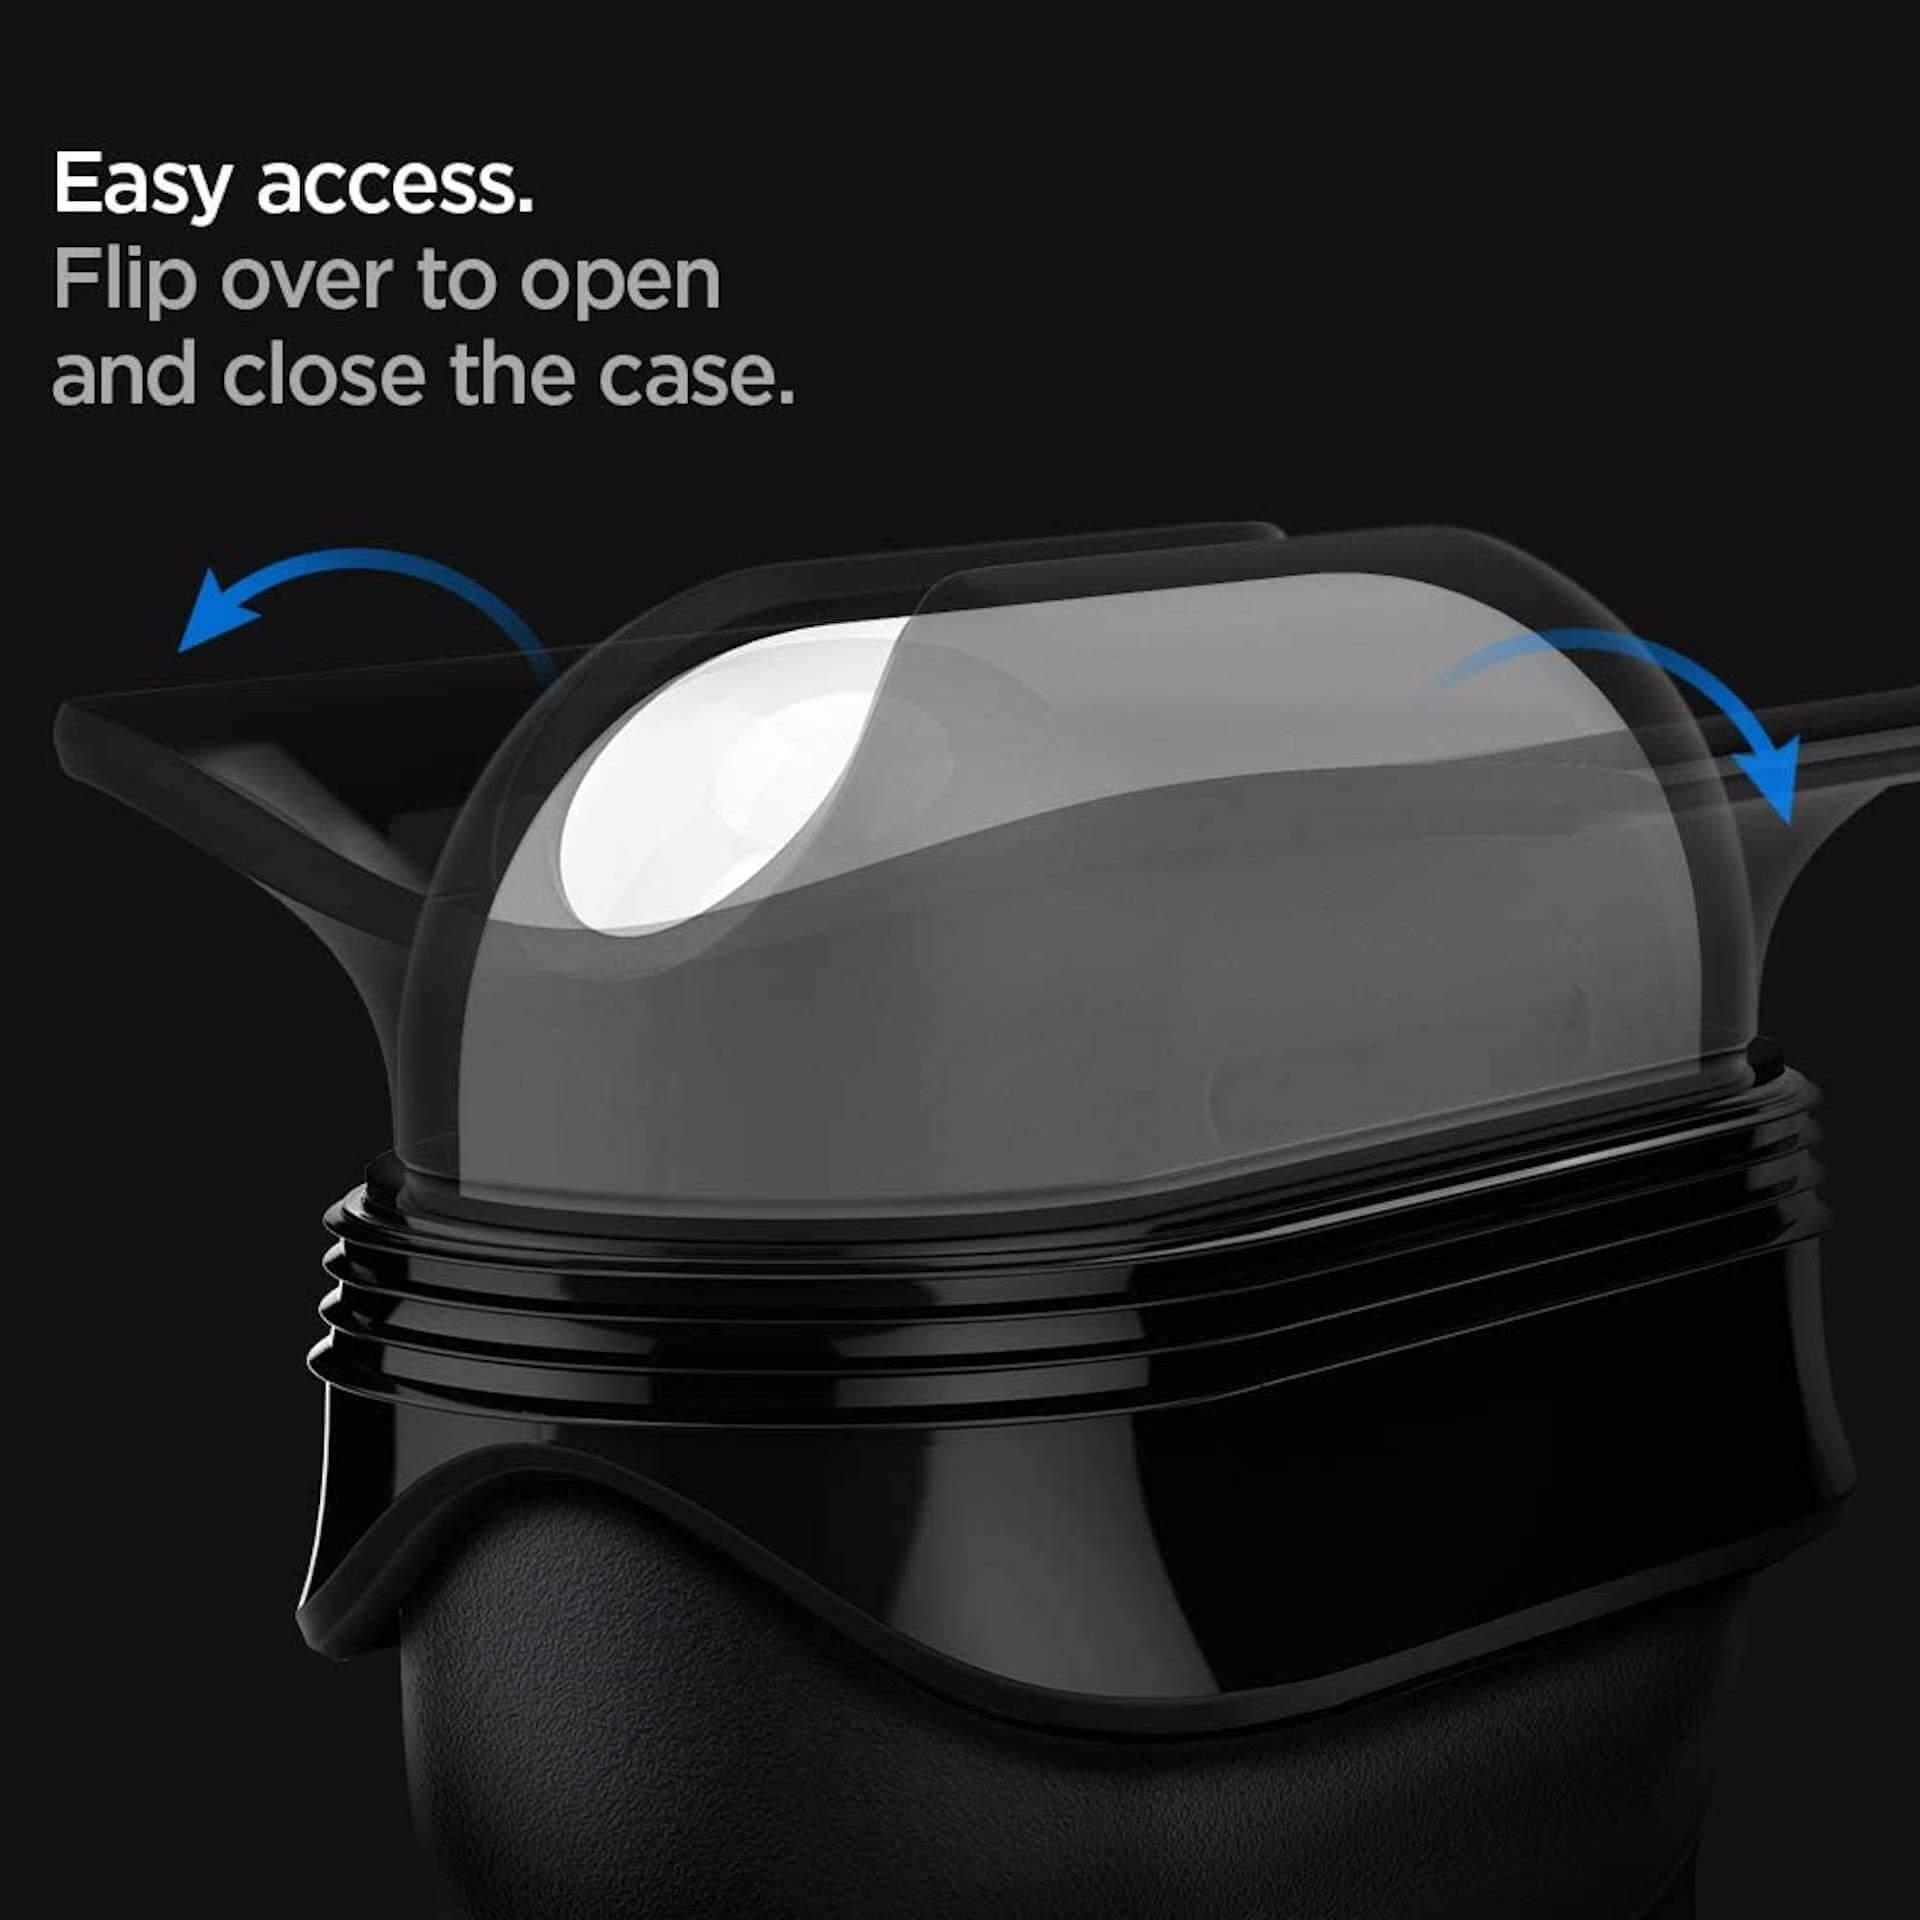 AirPods Proを水没から守る!最大1mまで防水するケース「スリム・アーマー IP」がSpigenから登場 tech200519_airpodspro_case_5